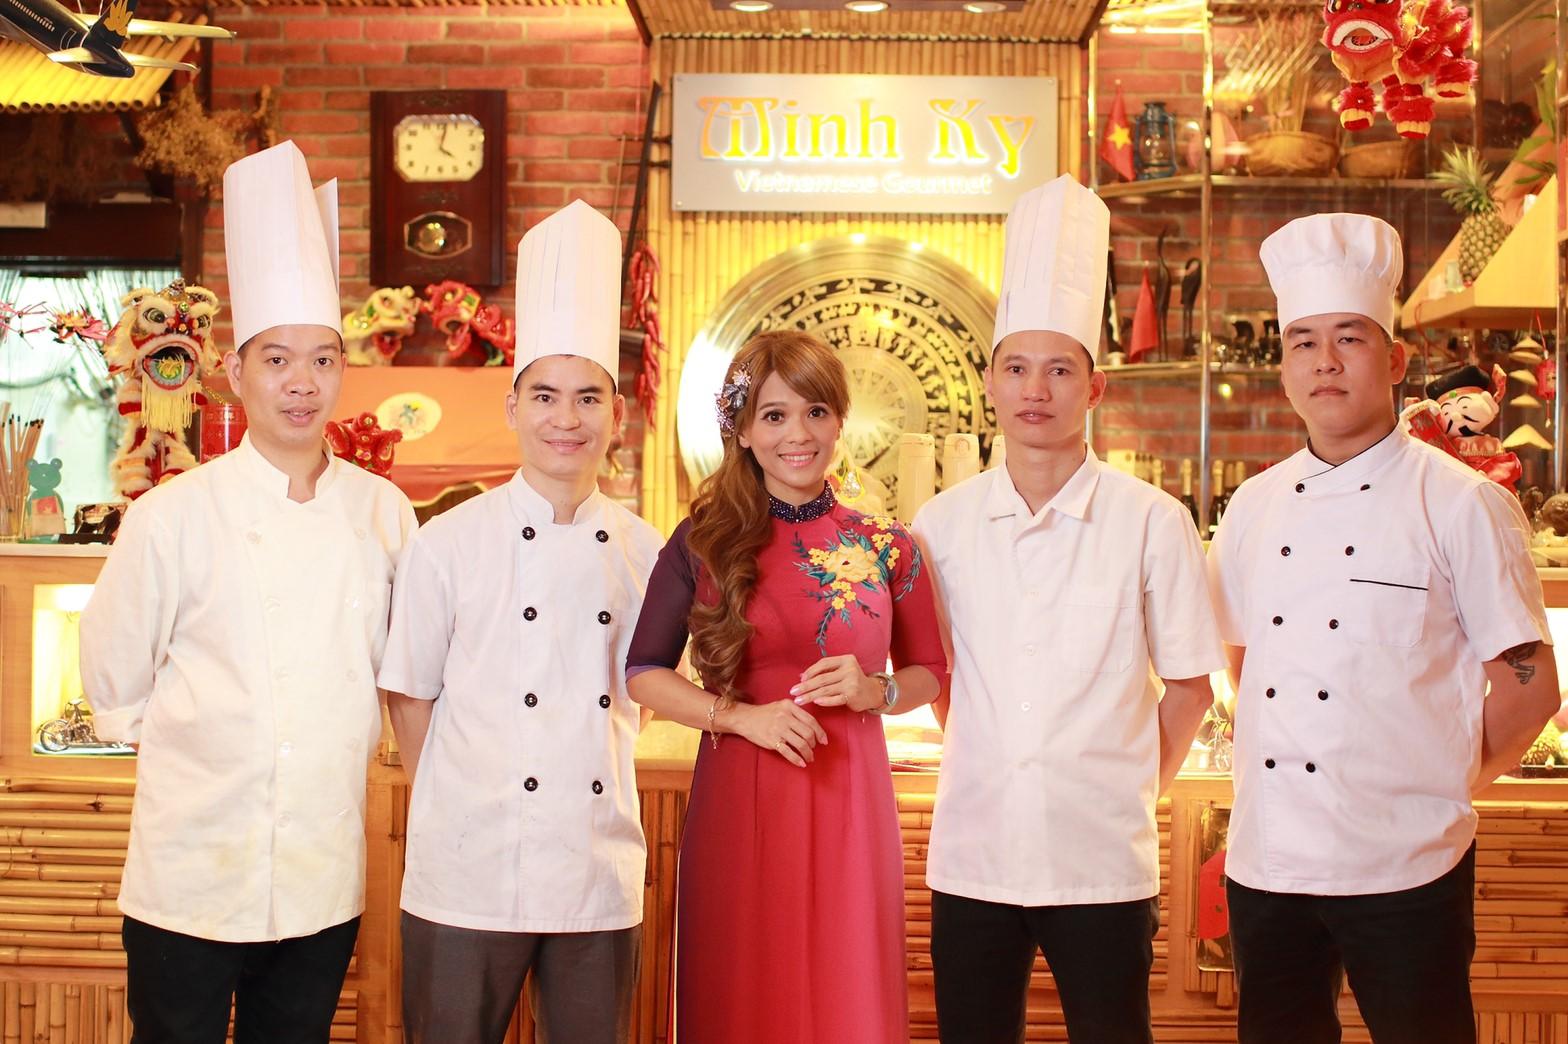 銘記越南美食 用愛料理 用心吸菁打造幸福企業